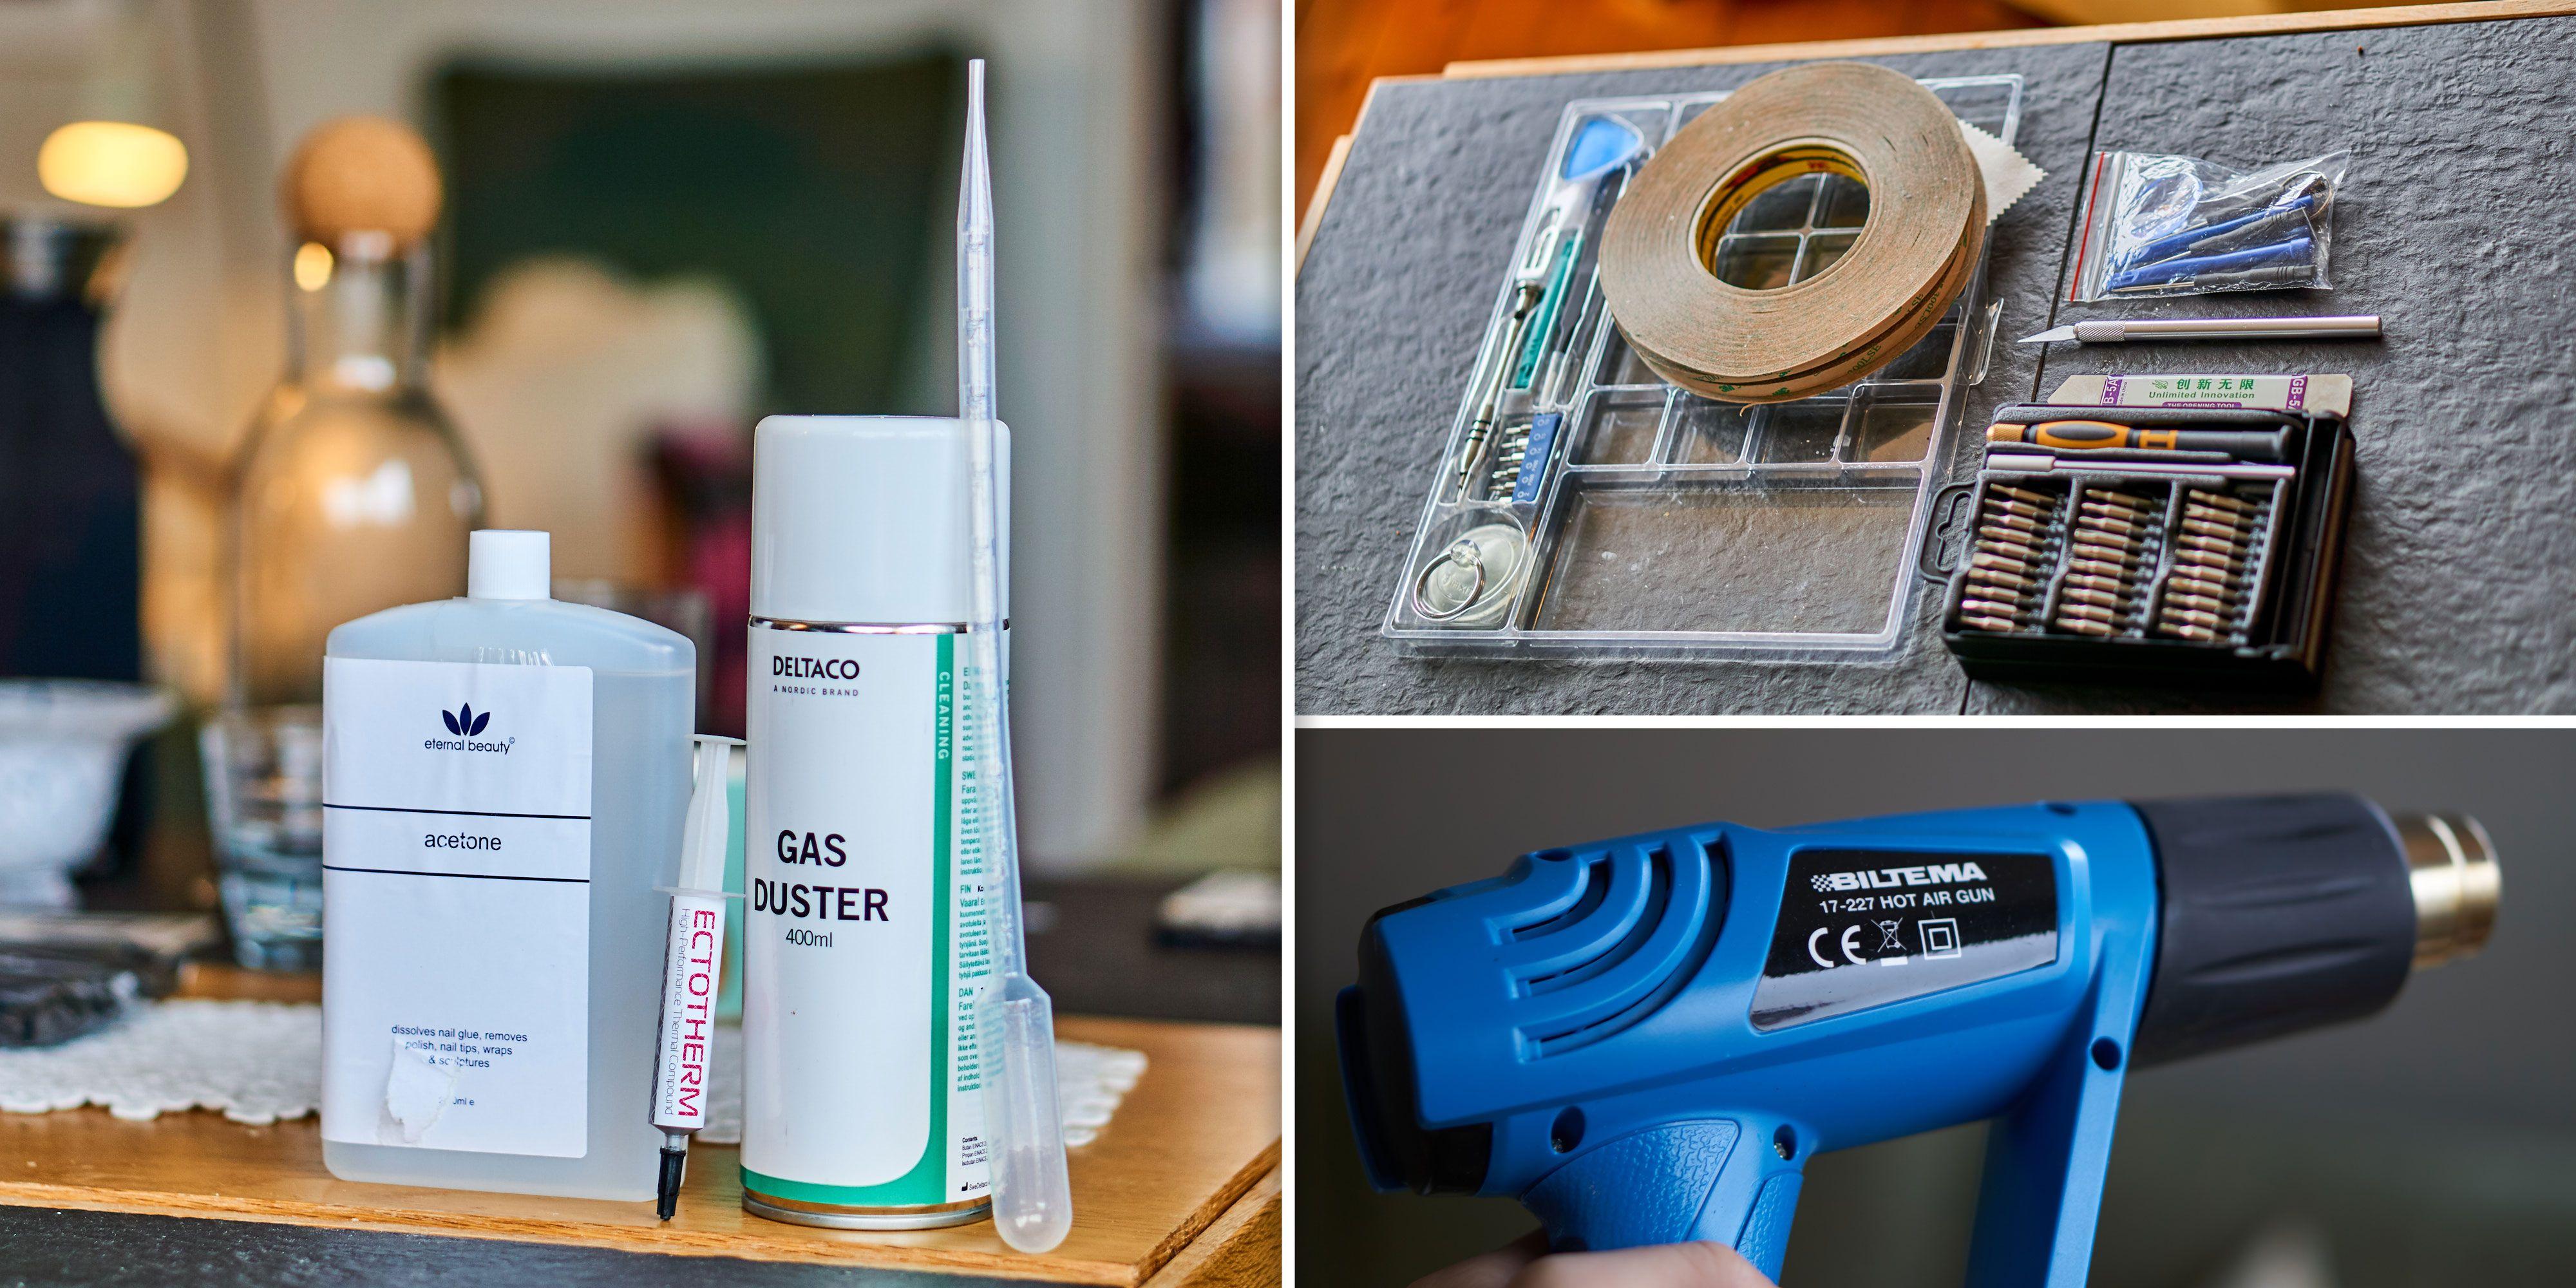 Utstyret vi brukte. Aceton, trykkluft, pipette, skrutrekkersett, dobbeltsidig tape, flate bøyeverktøy, plastverktøy, brekkebladkniv og varmepistol.